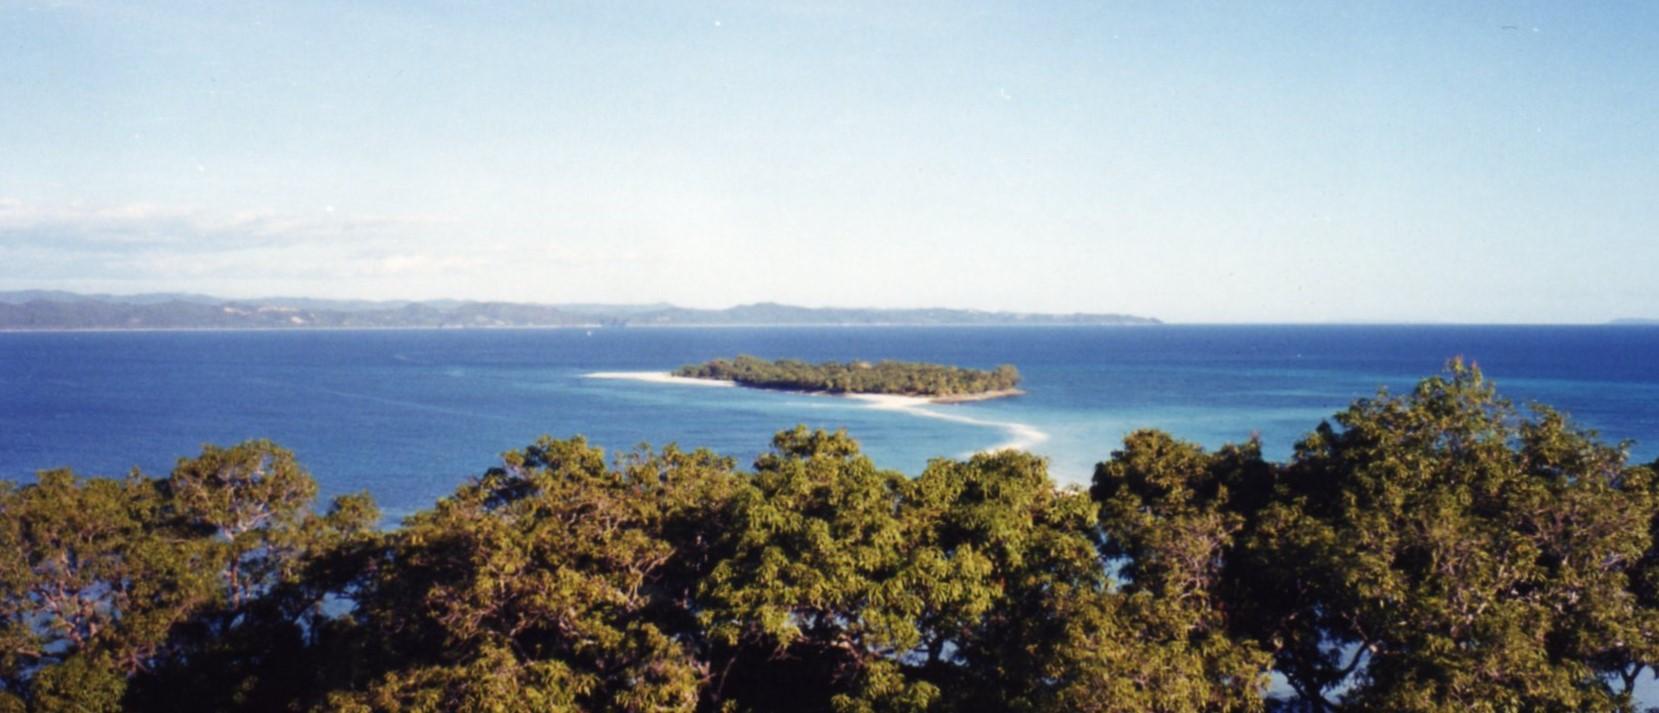 Sandbar between the two islands